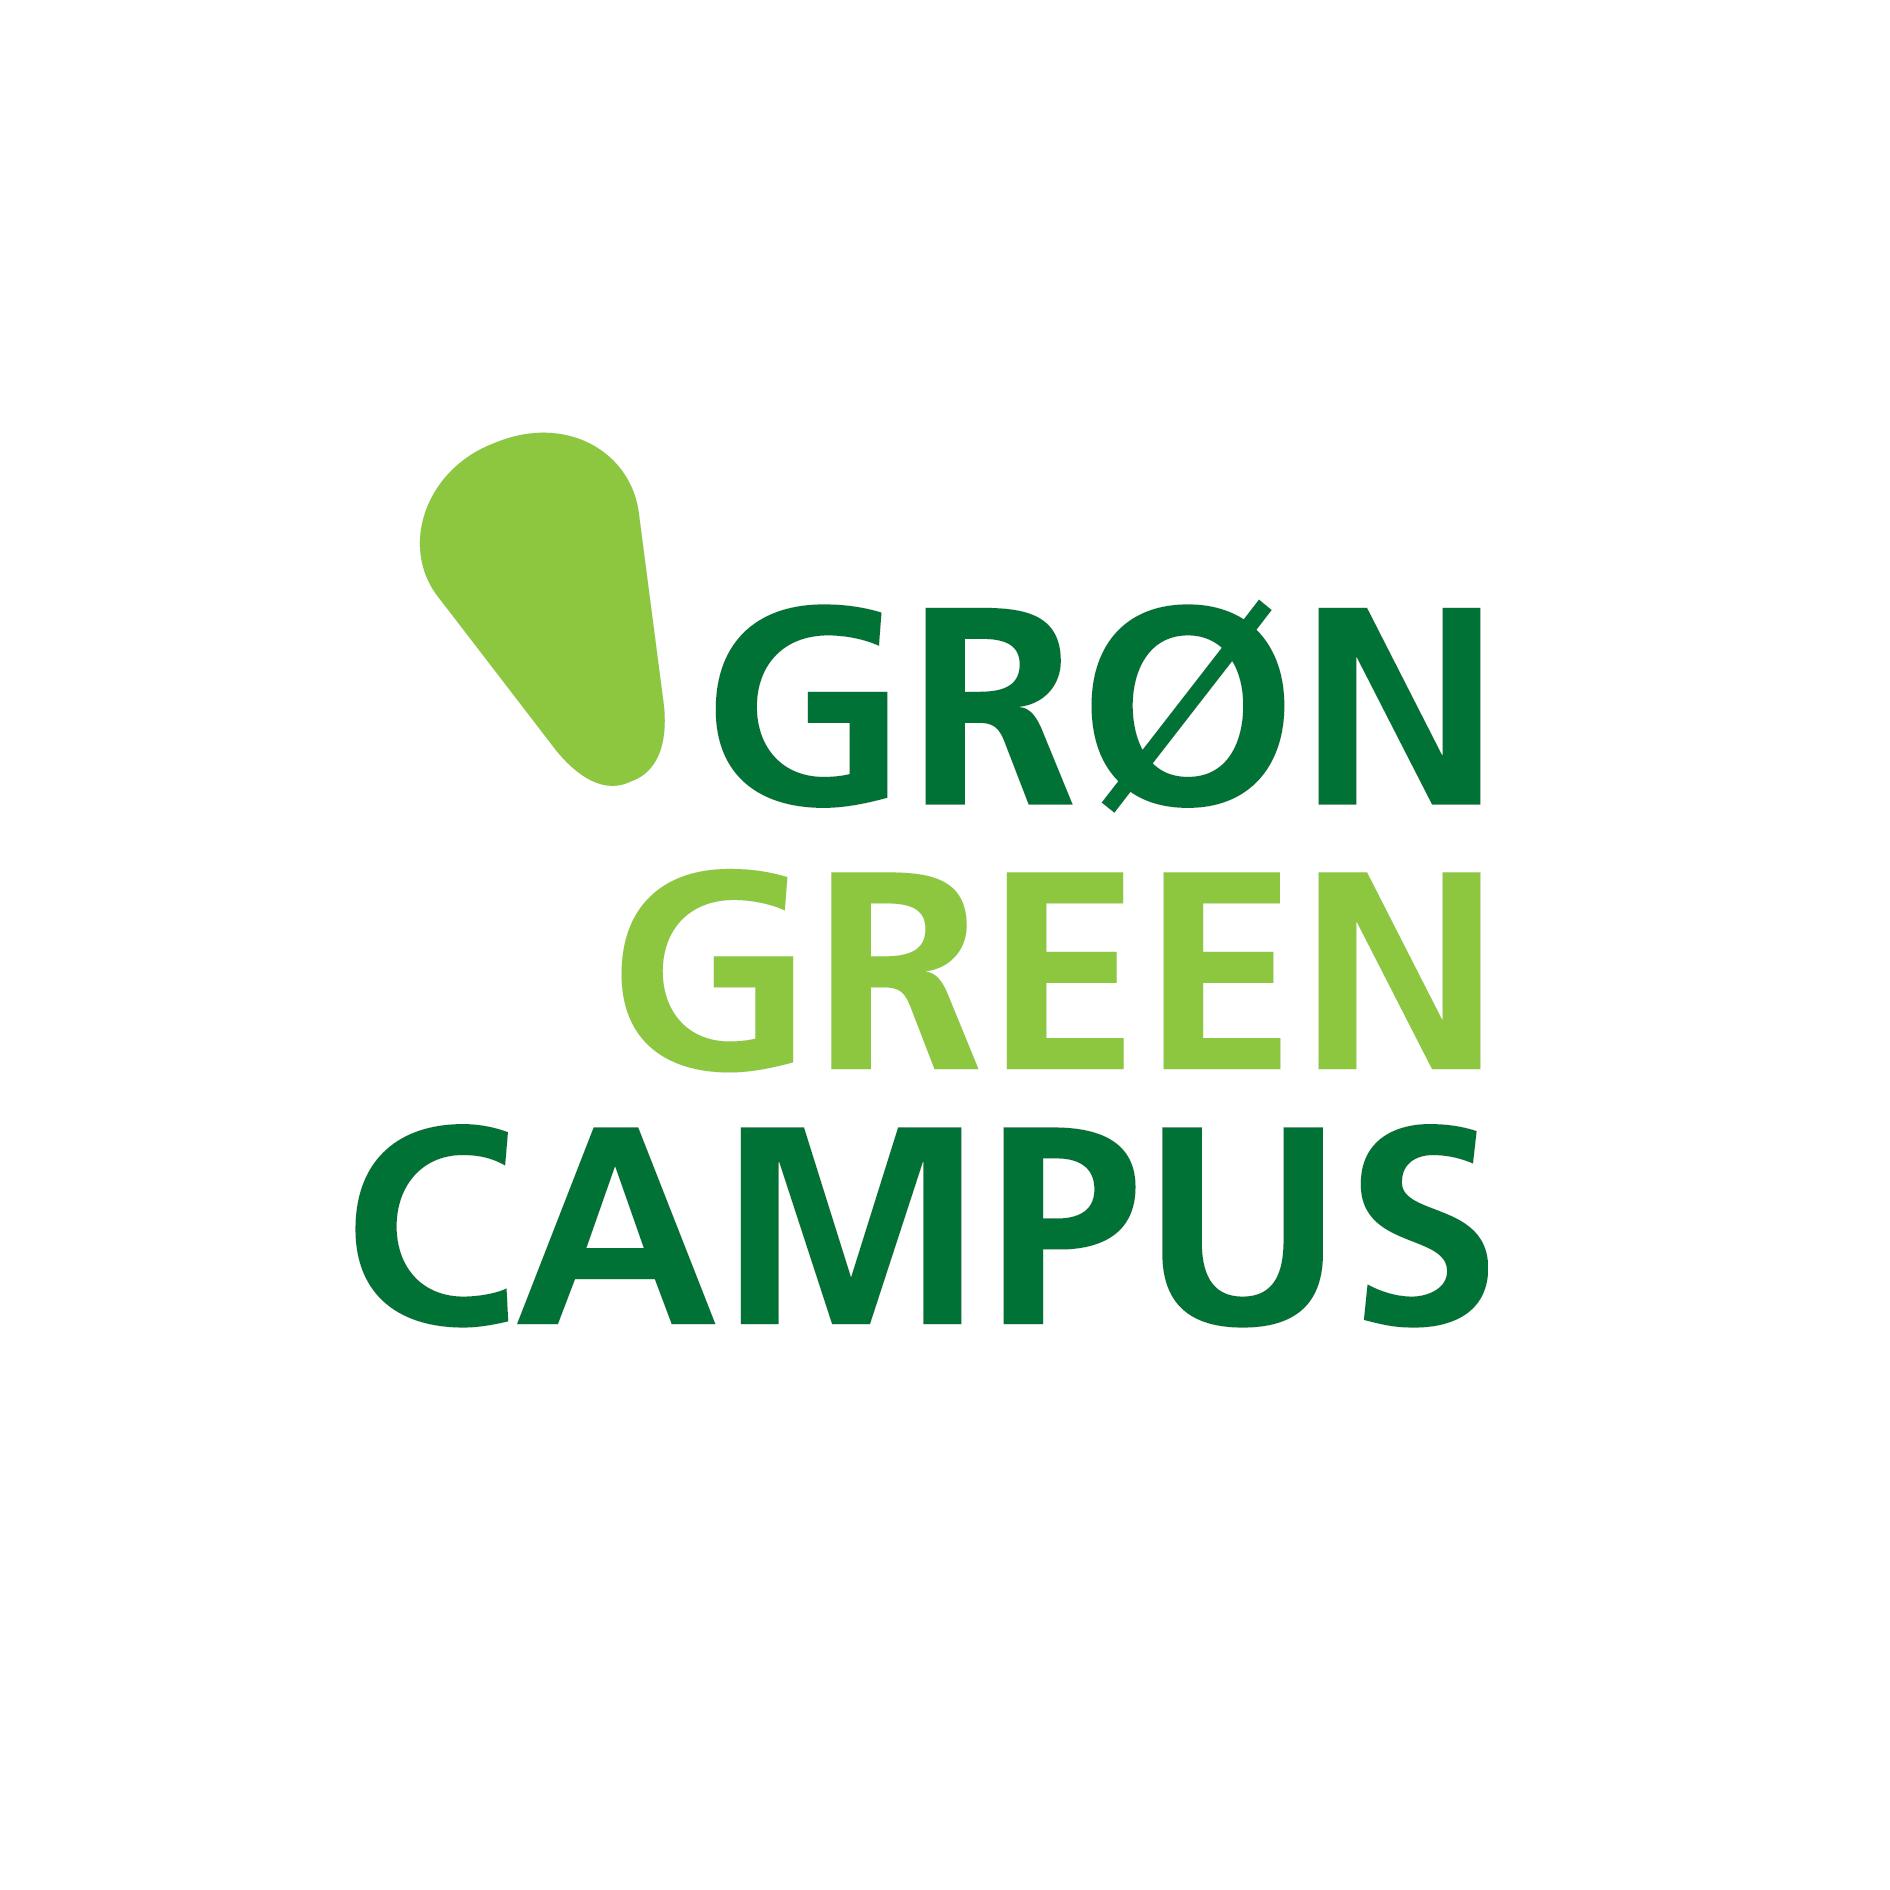 Campus – på vej mod bæredygtig omstilling